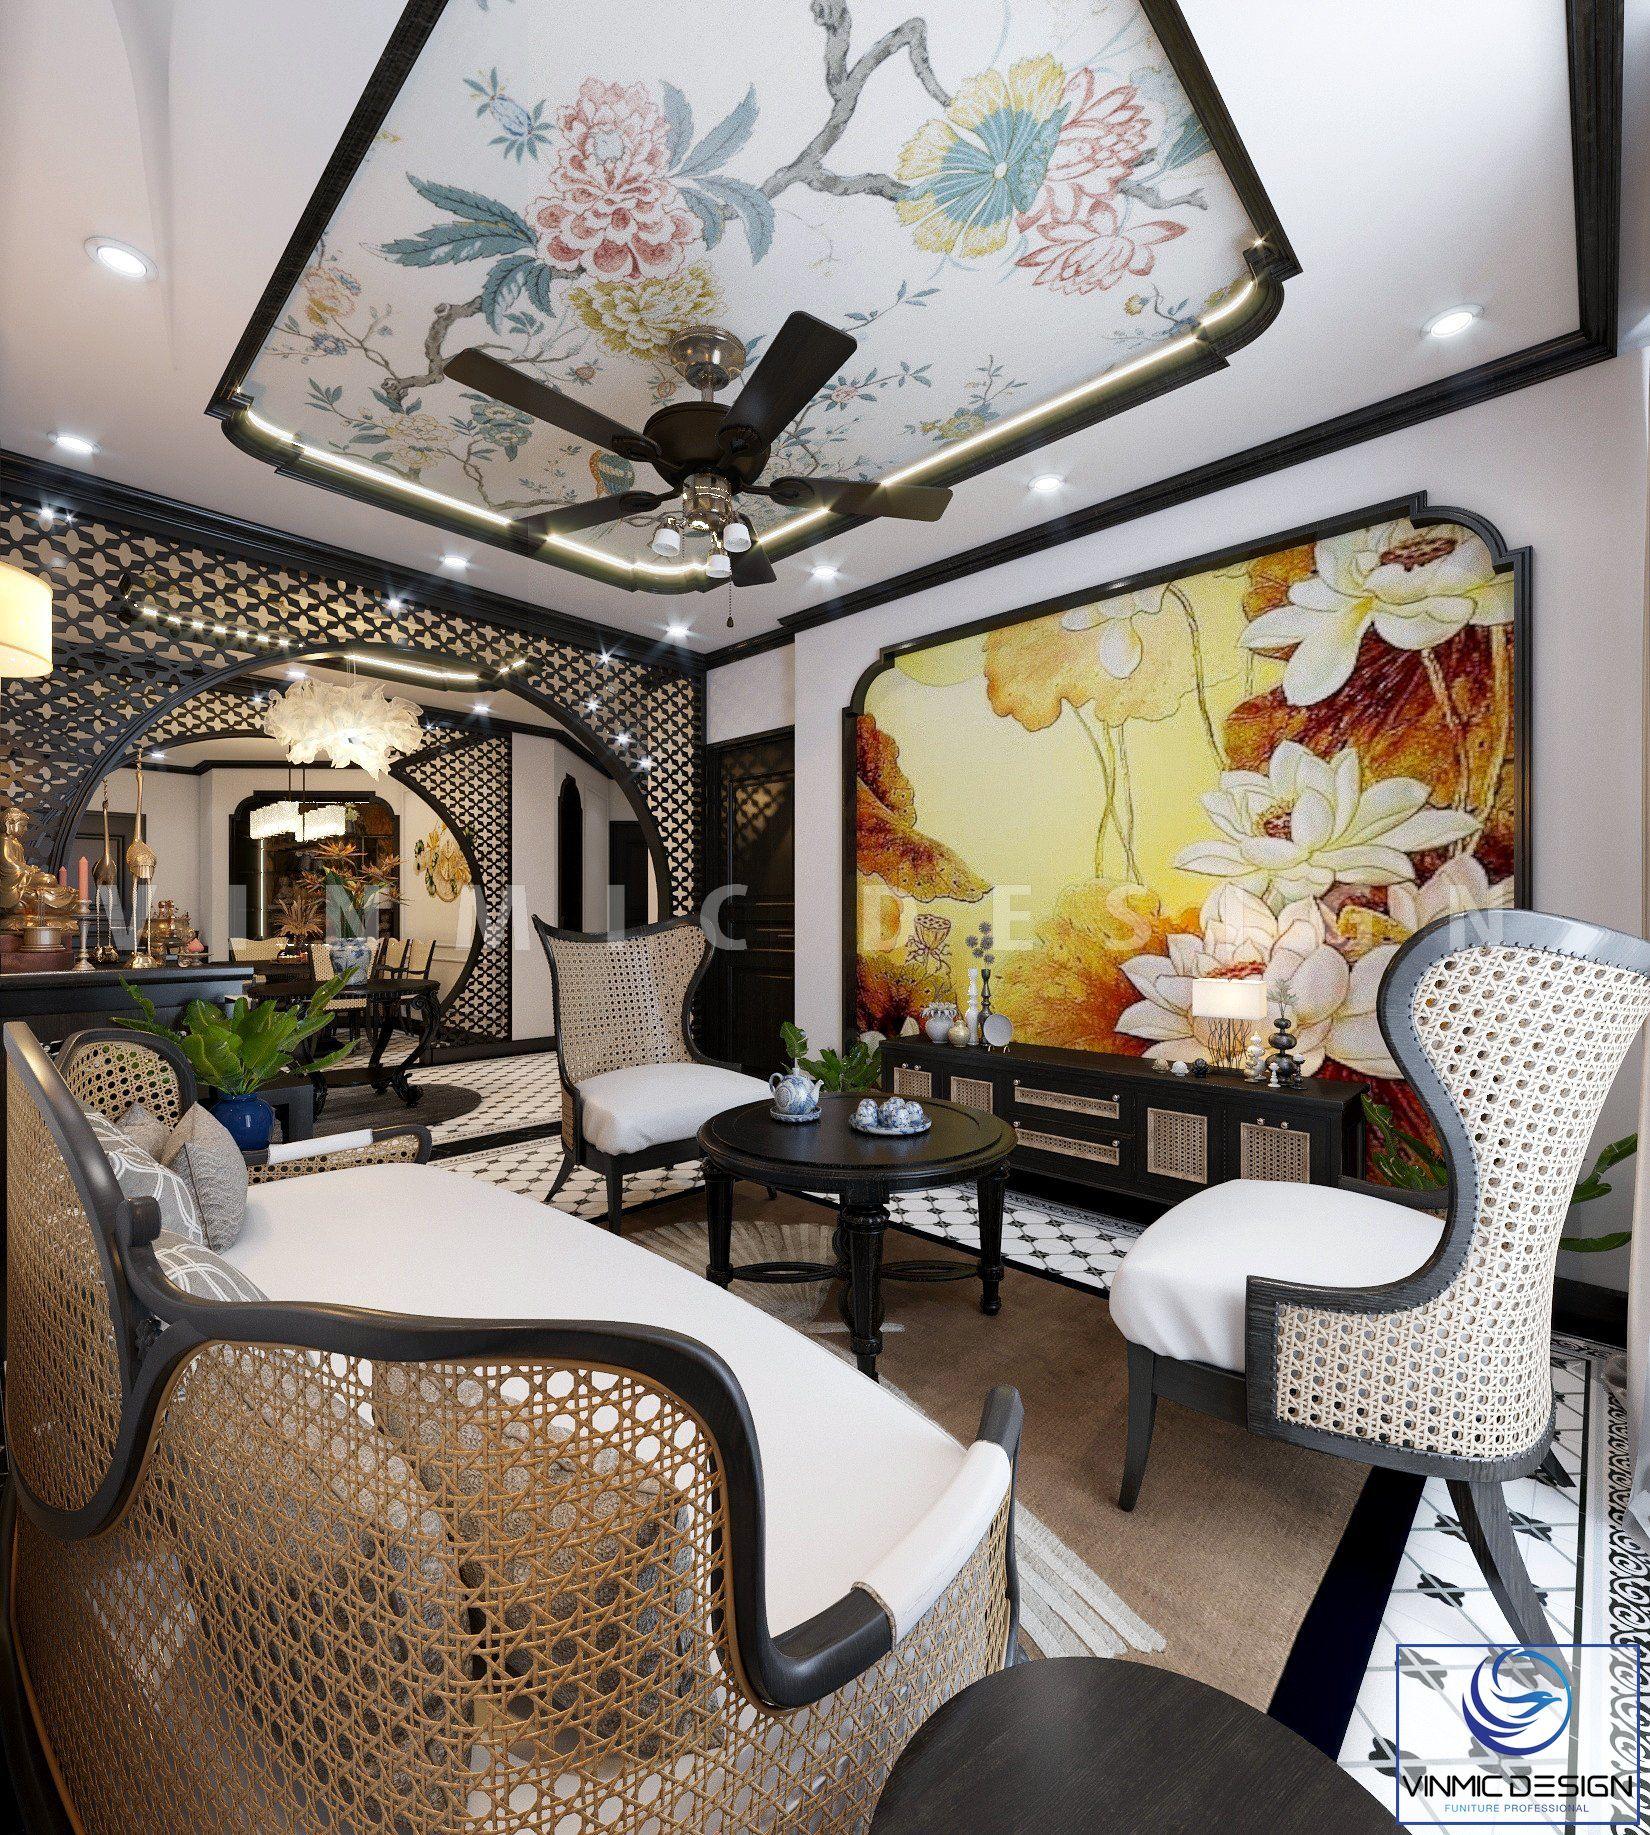 Thiết kế nội thất phòng khách đẹp với thiết kế hoa sen chủ đạo tinh tế